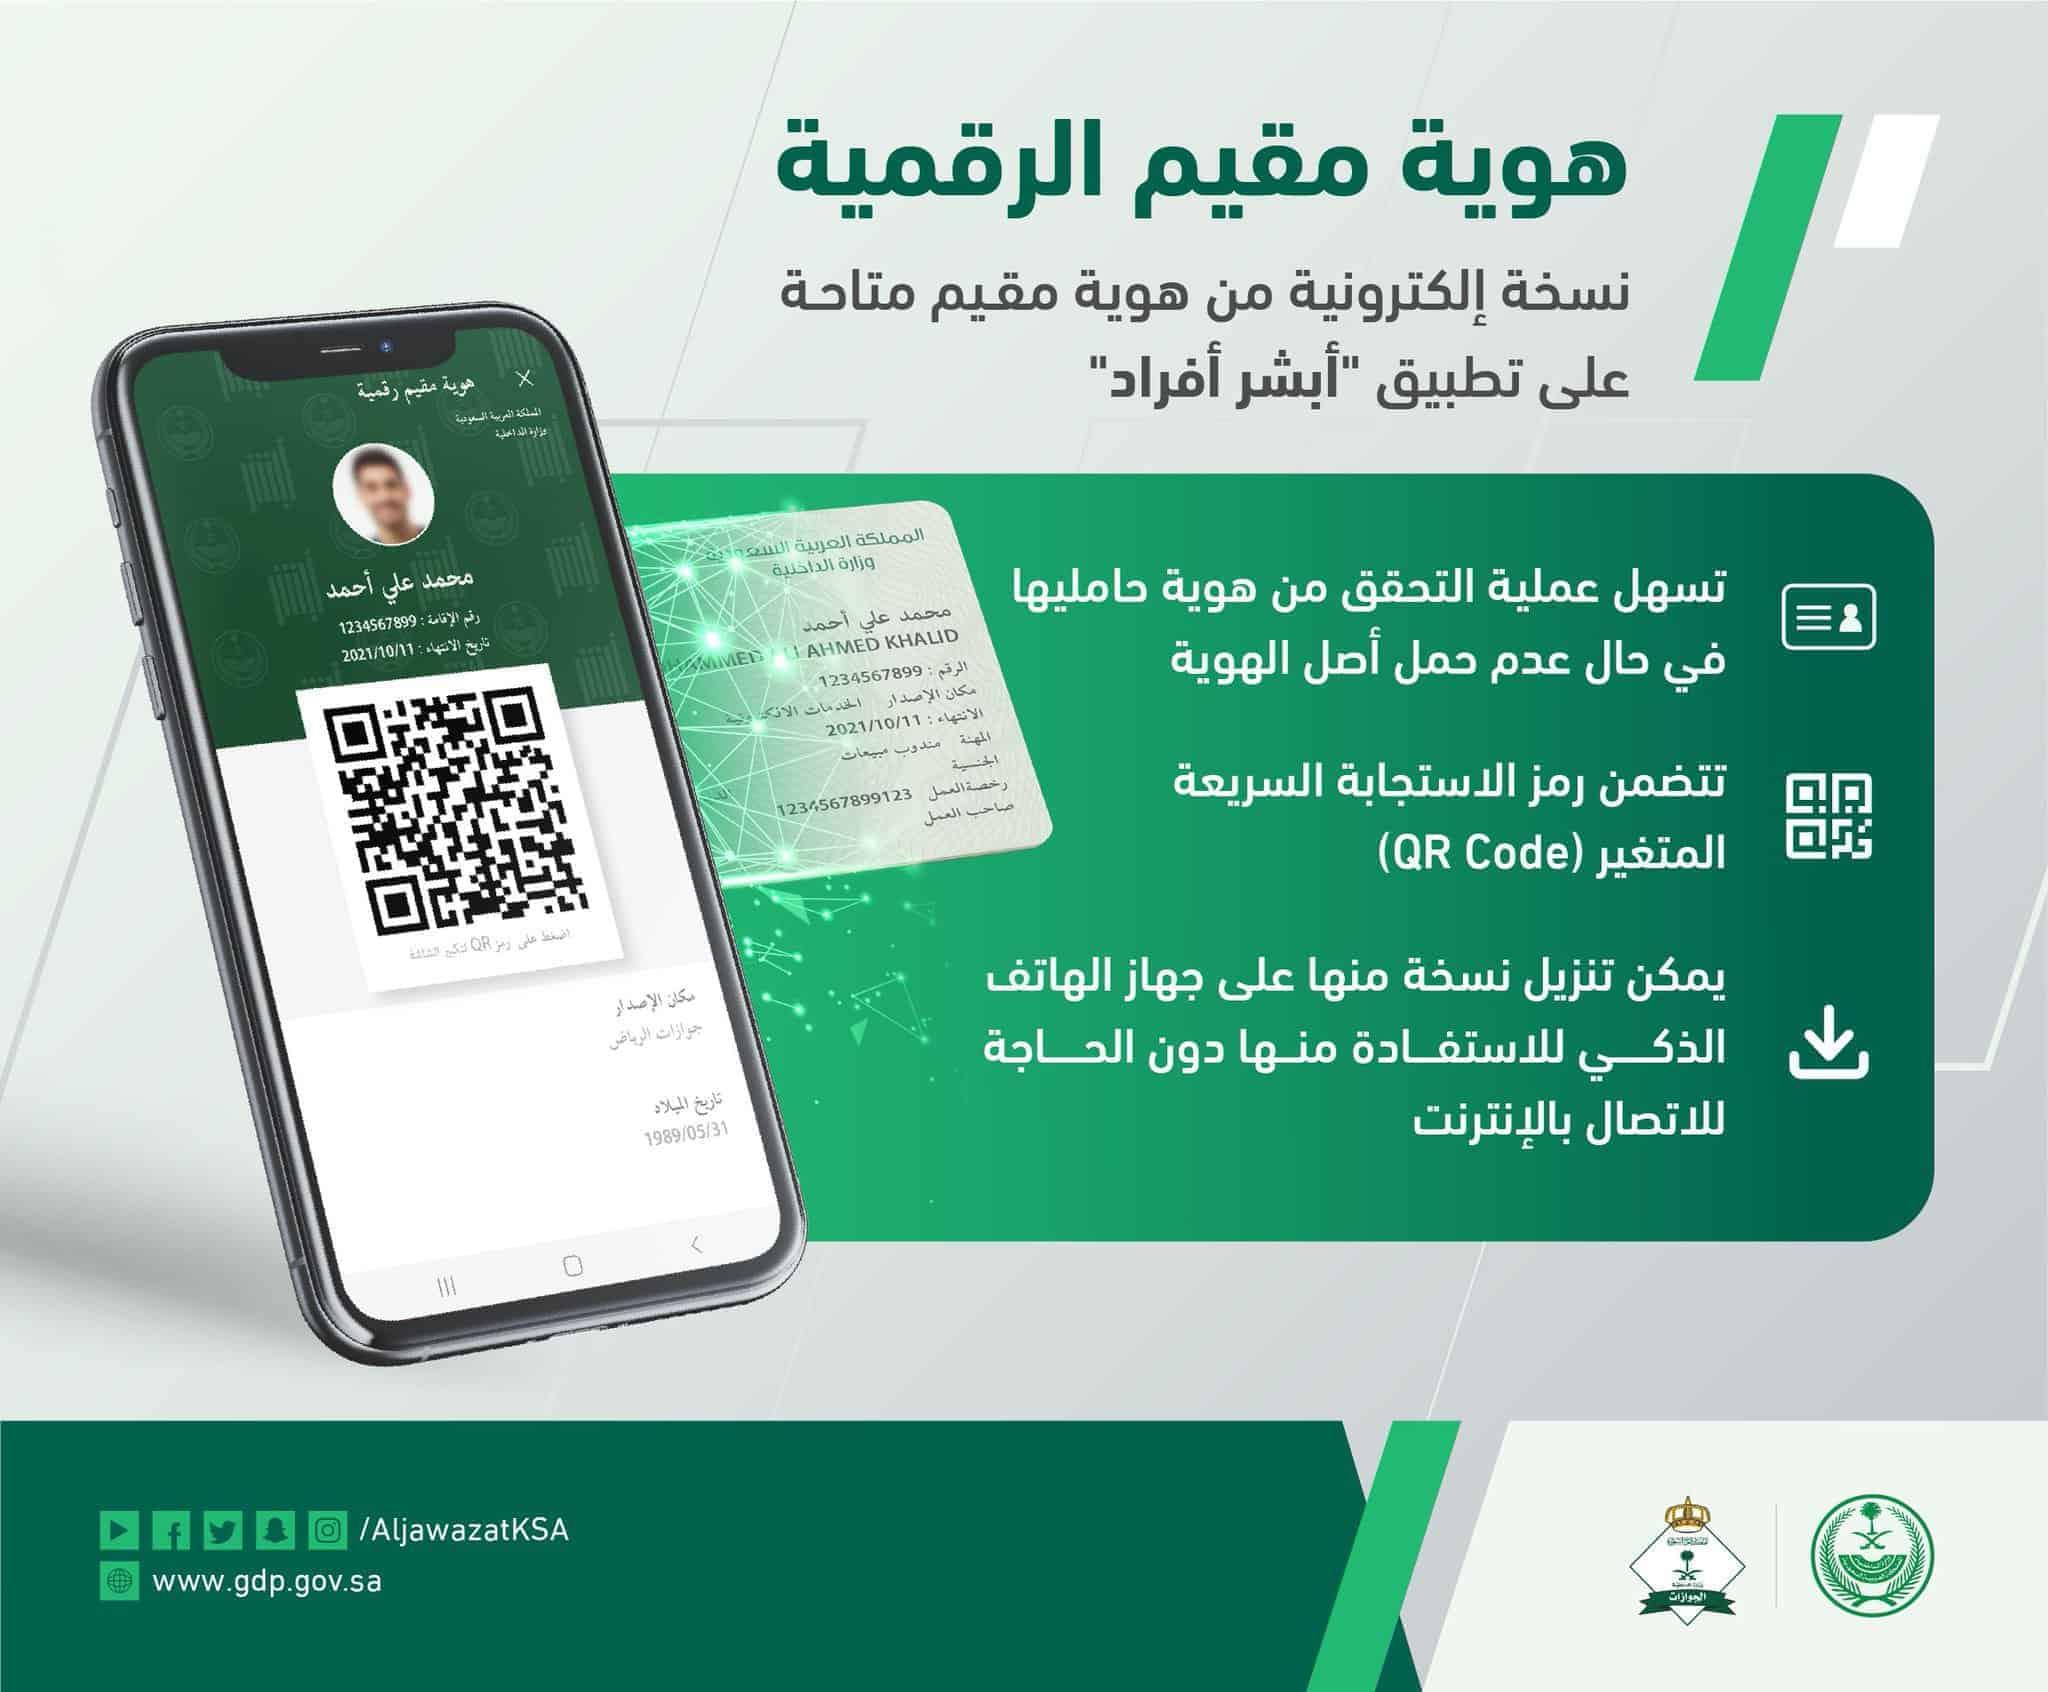 تفعيل الهوية الرقمية في السعودية عبر تطبيق أبشر